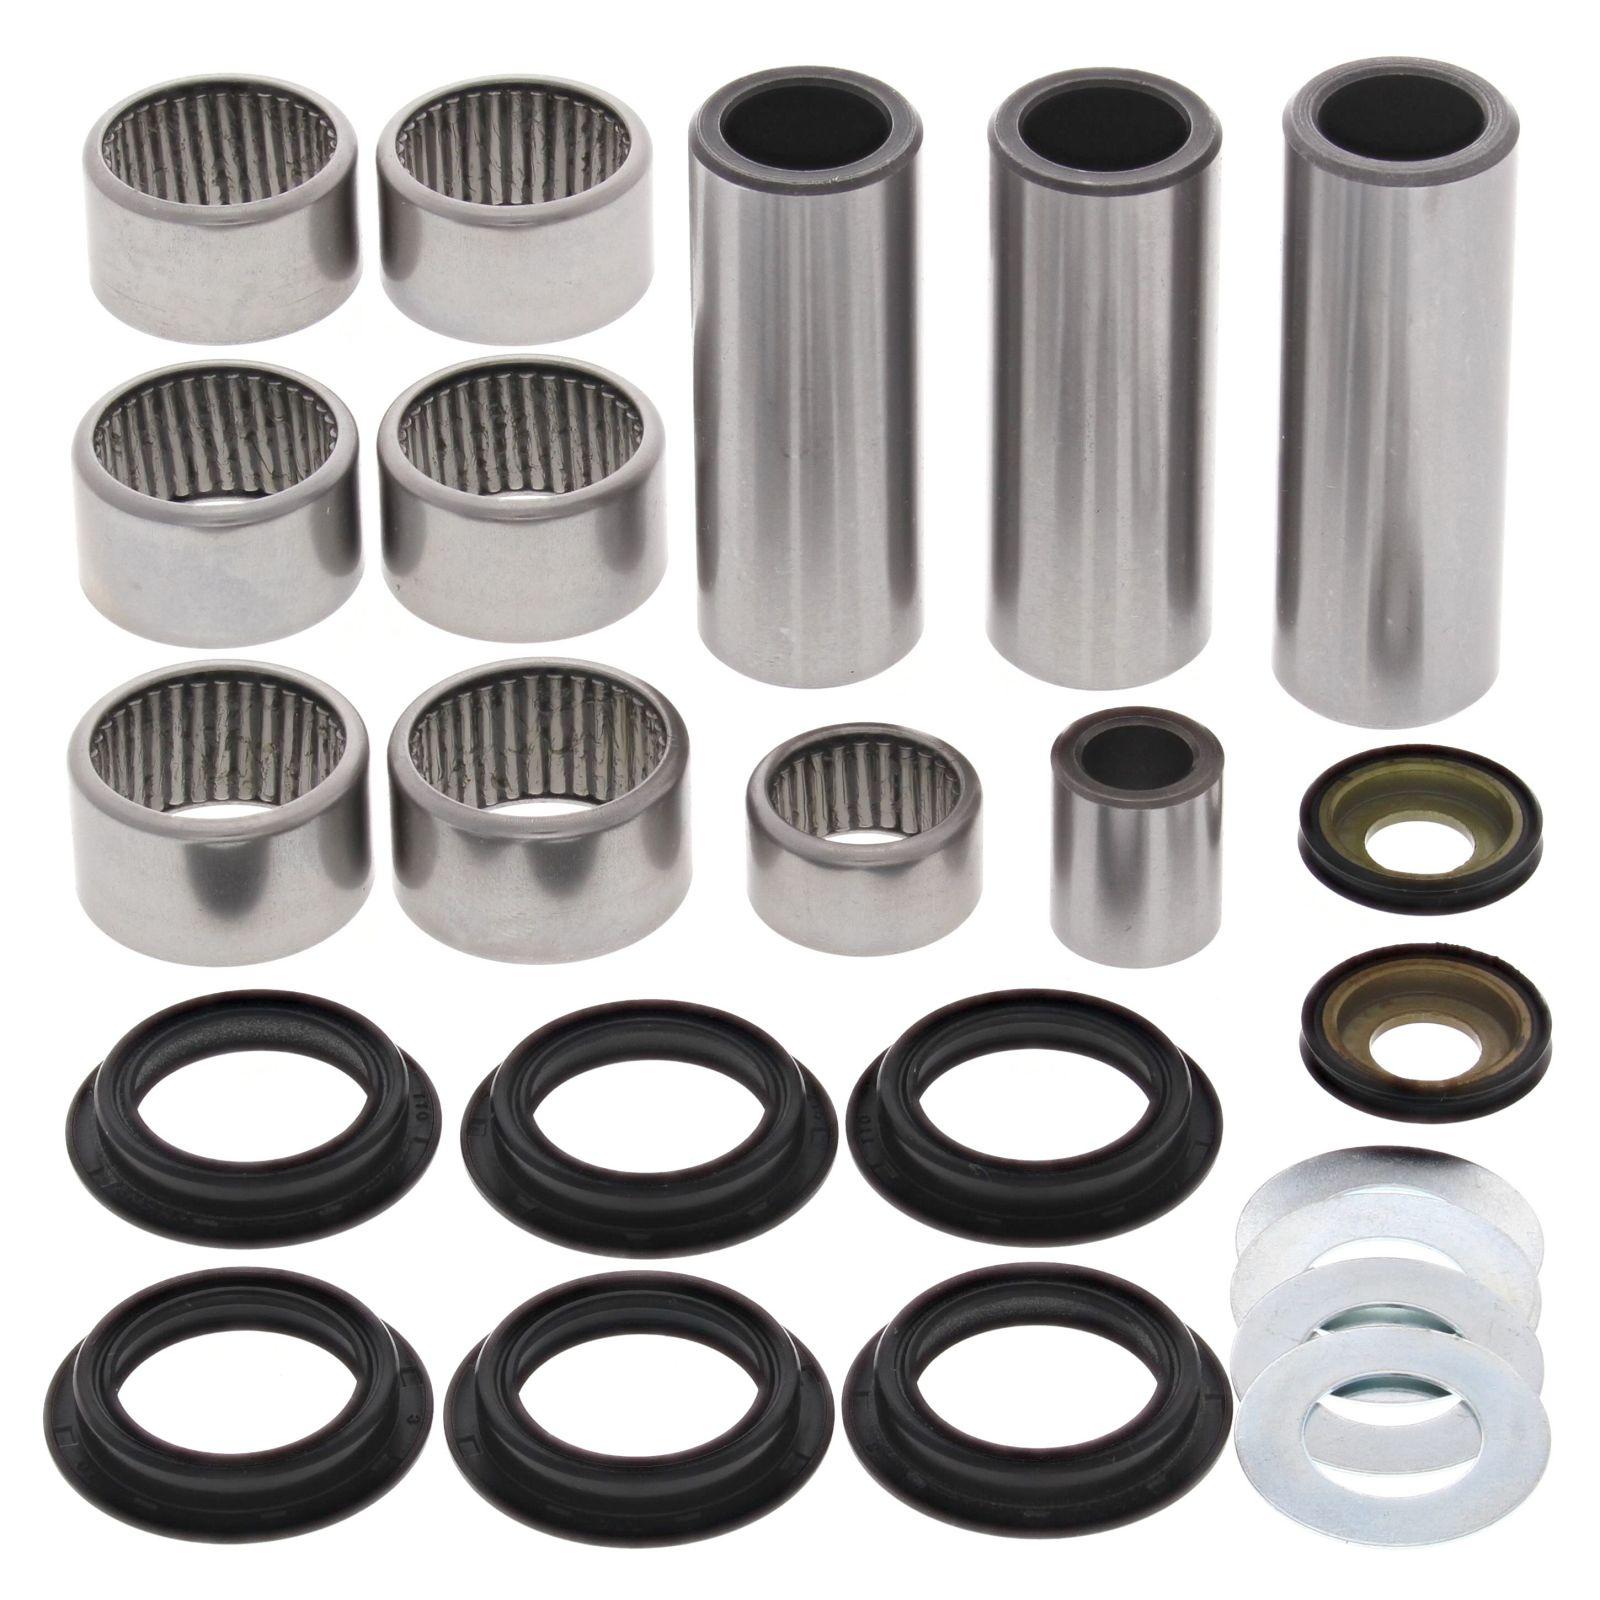 wrp shock linkage bearing kits - WRP271038 image